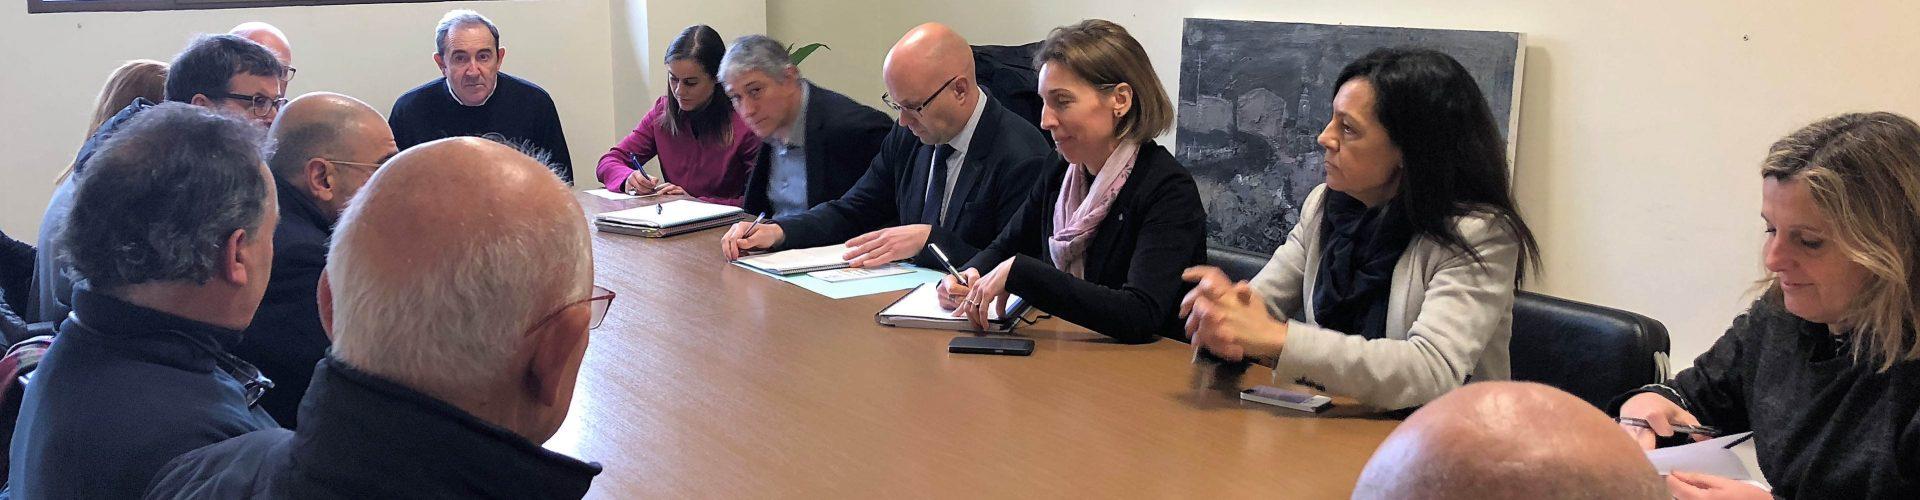 La directora general d'Indústria, Àngels Chacón, visita la Sénia